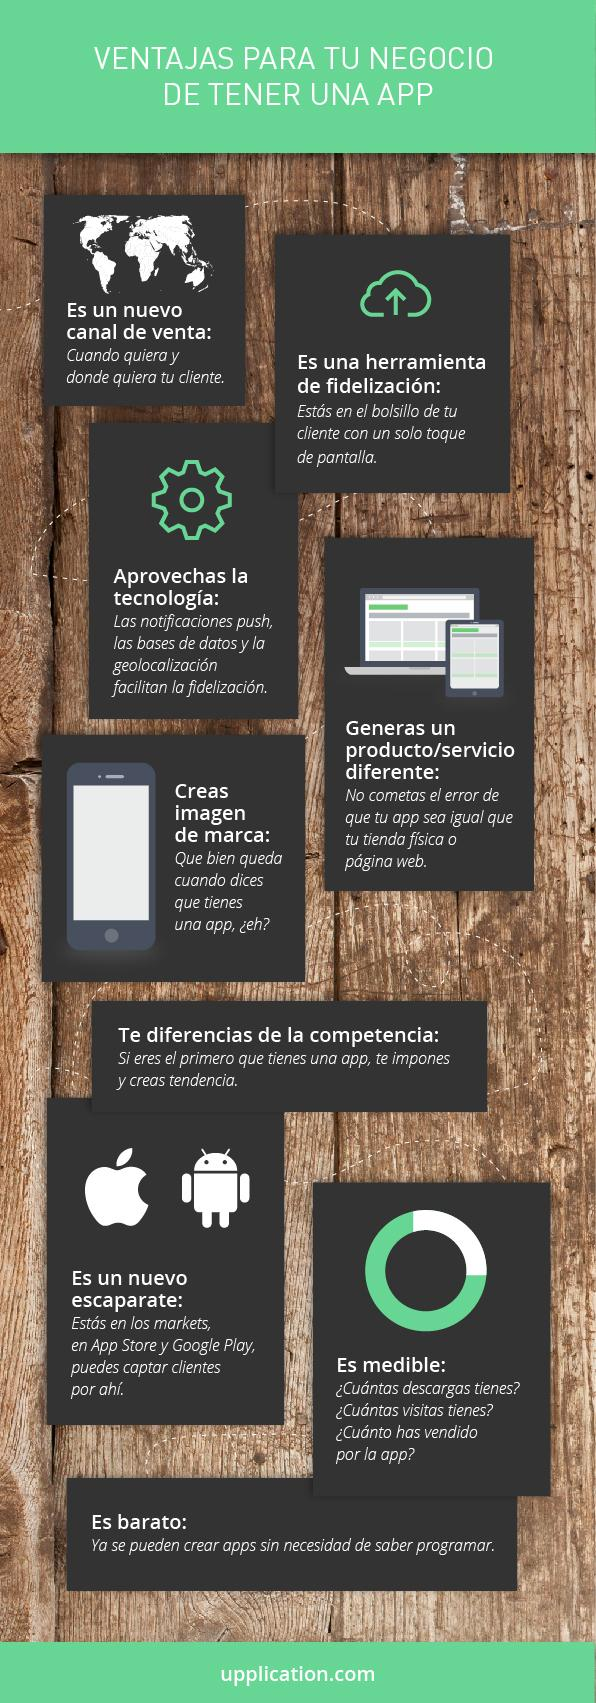 Ventajas de una app para tu empresa